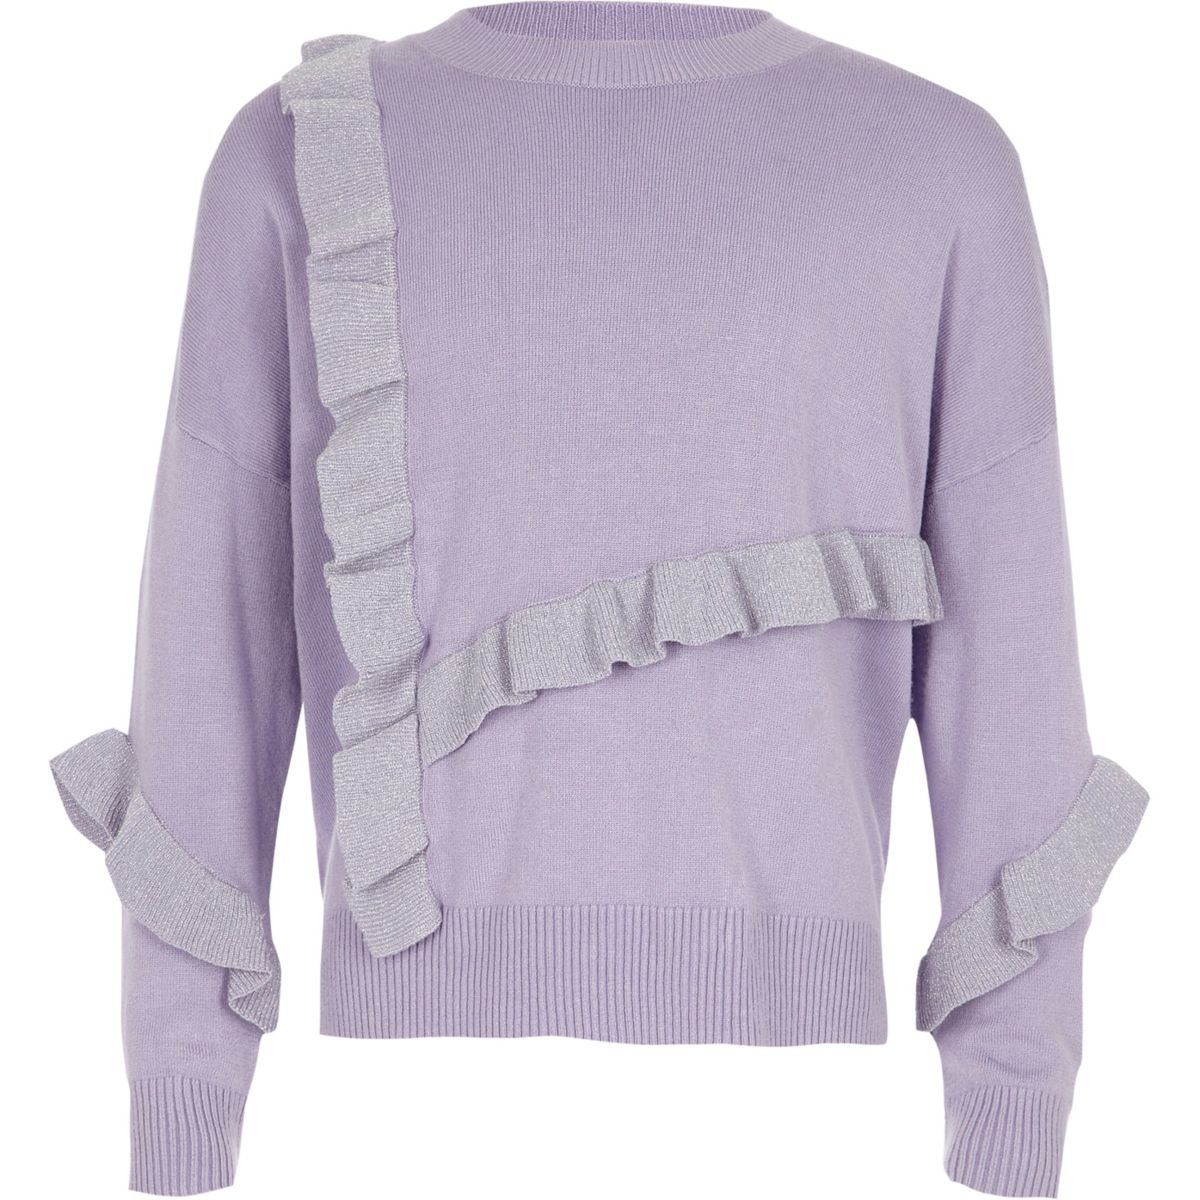 Girls purple glitter knit frill jumper